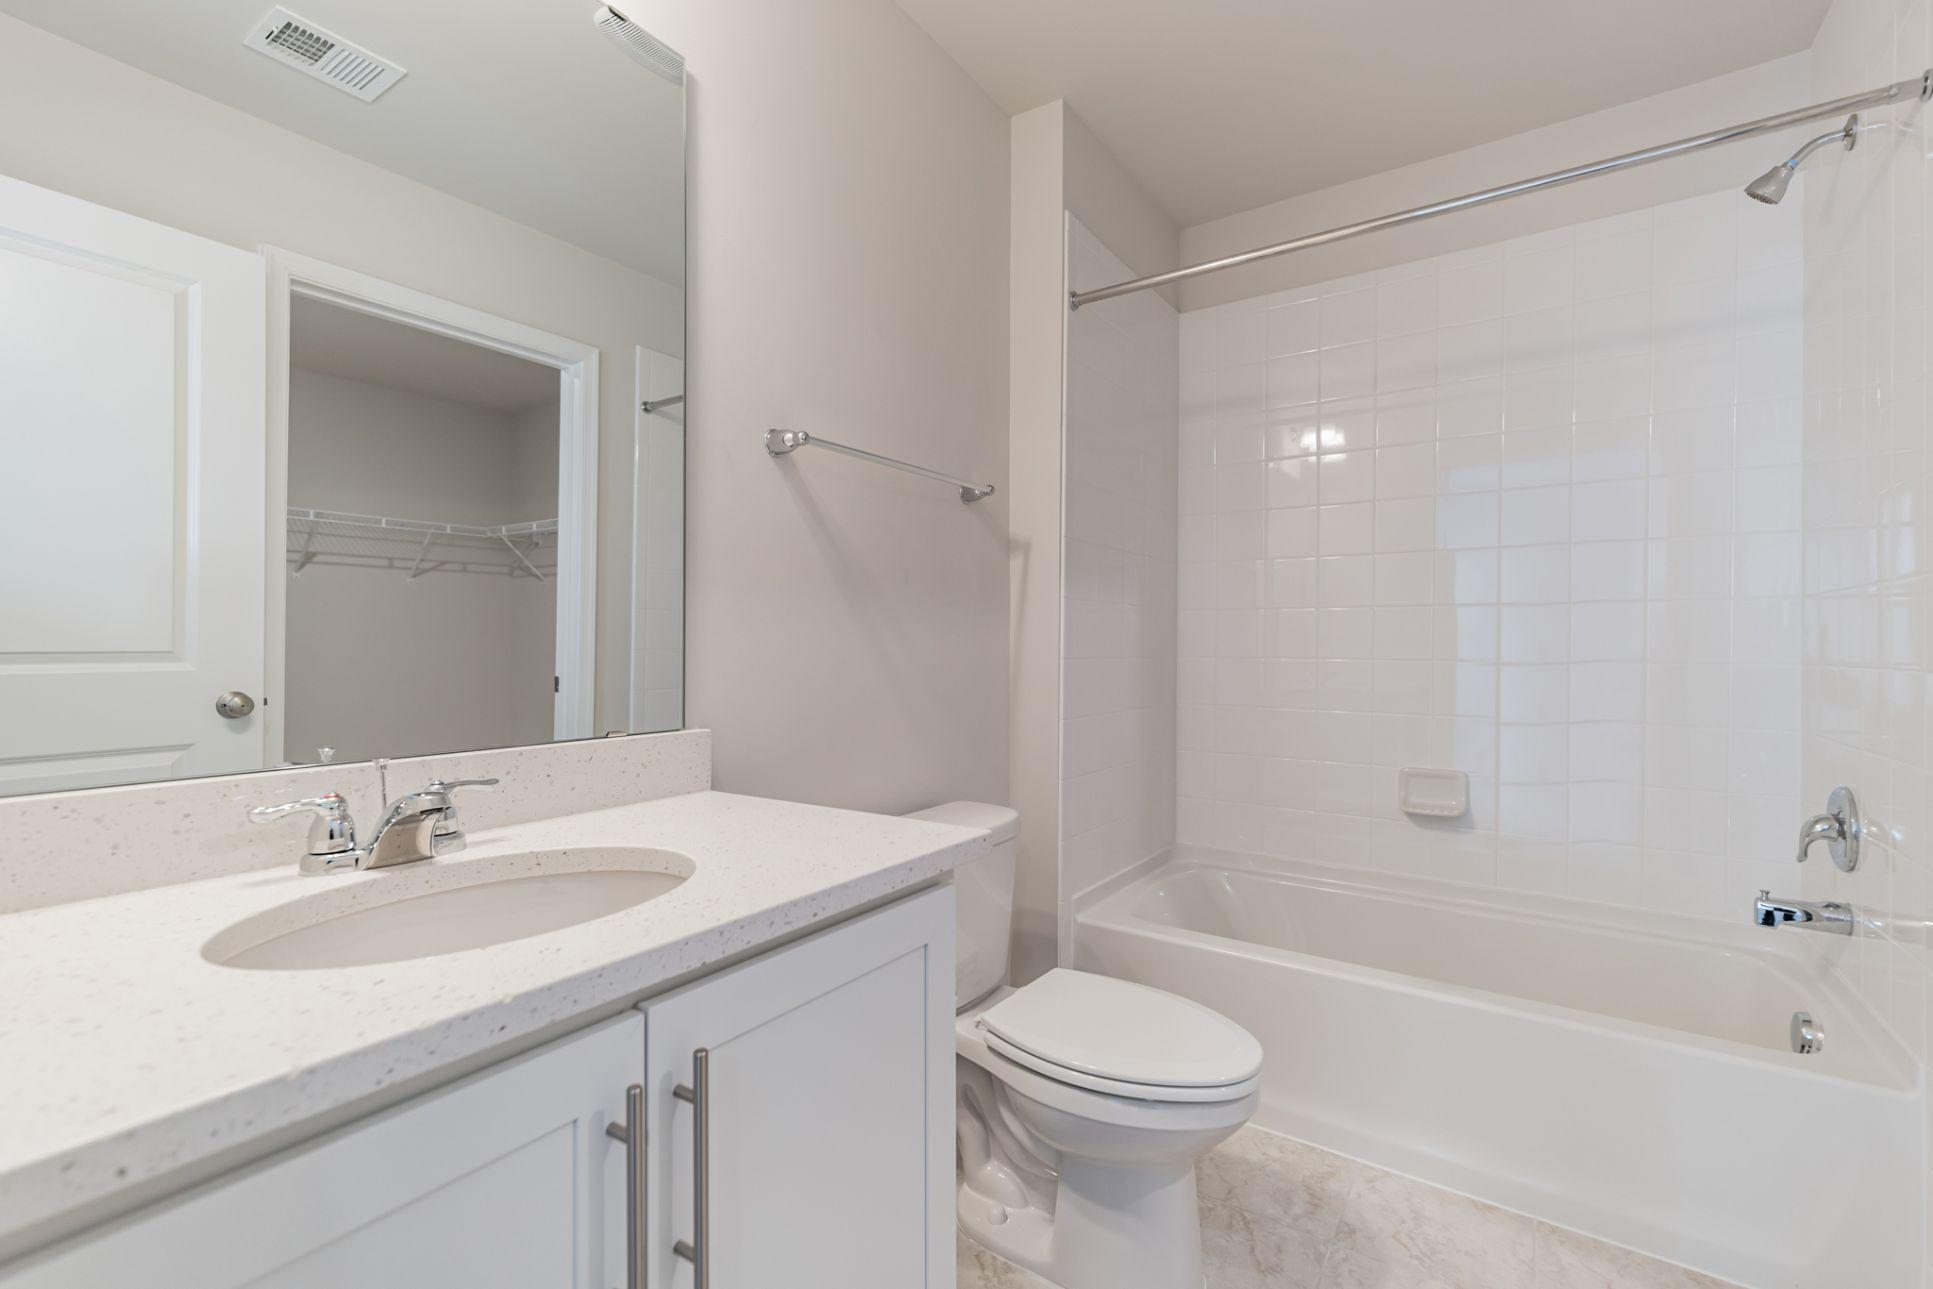 Bathroom featured in the Morgan By D.R. Horton in Washington, VA